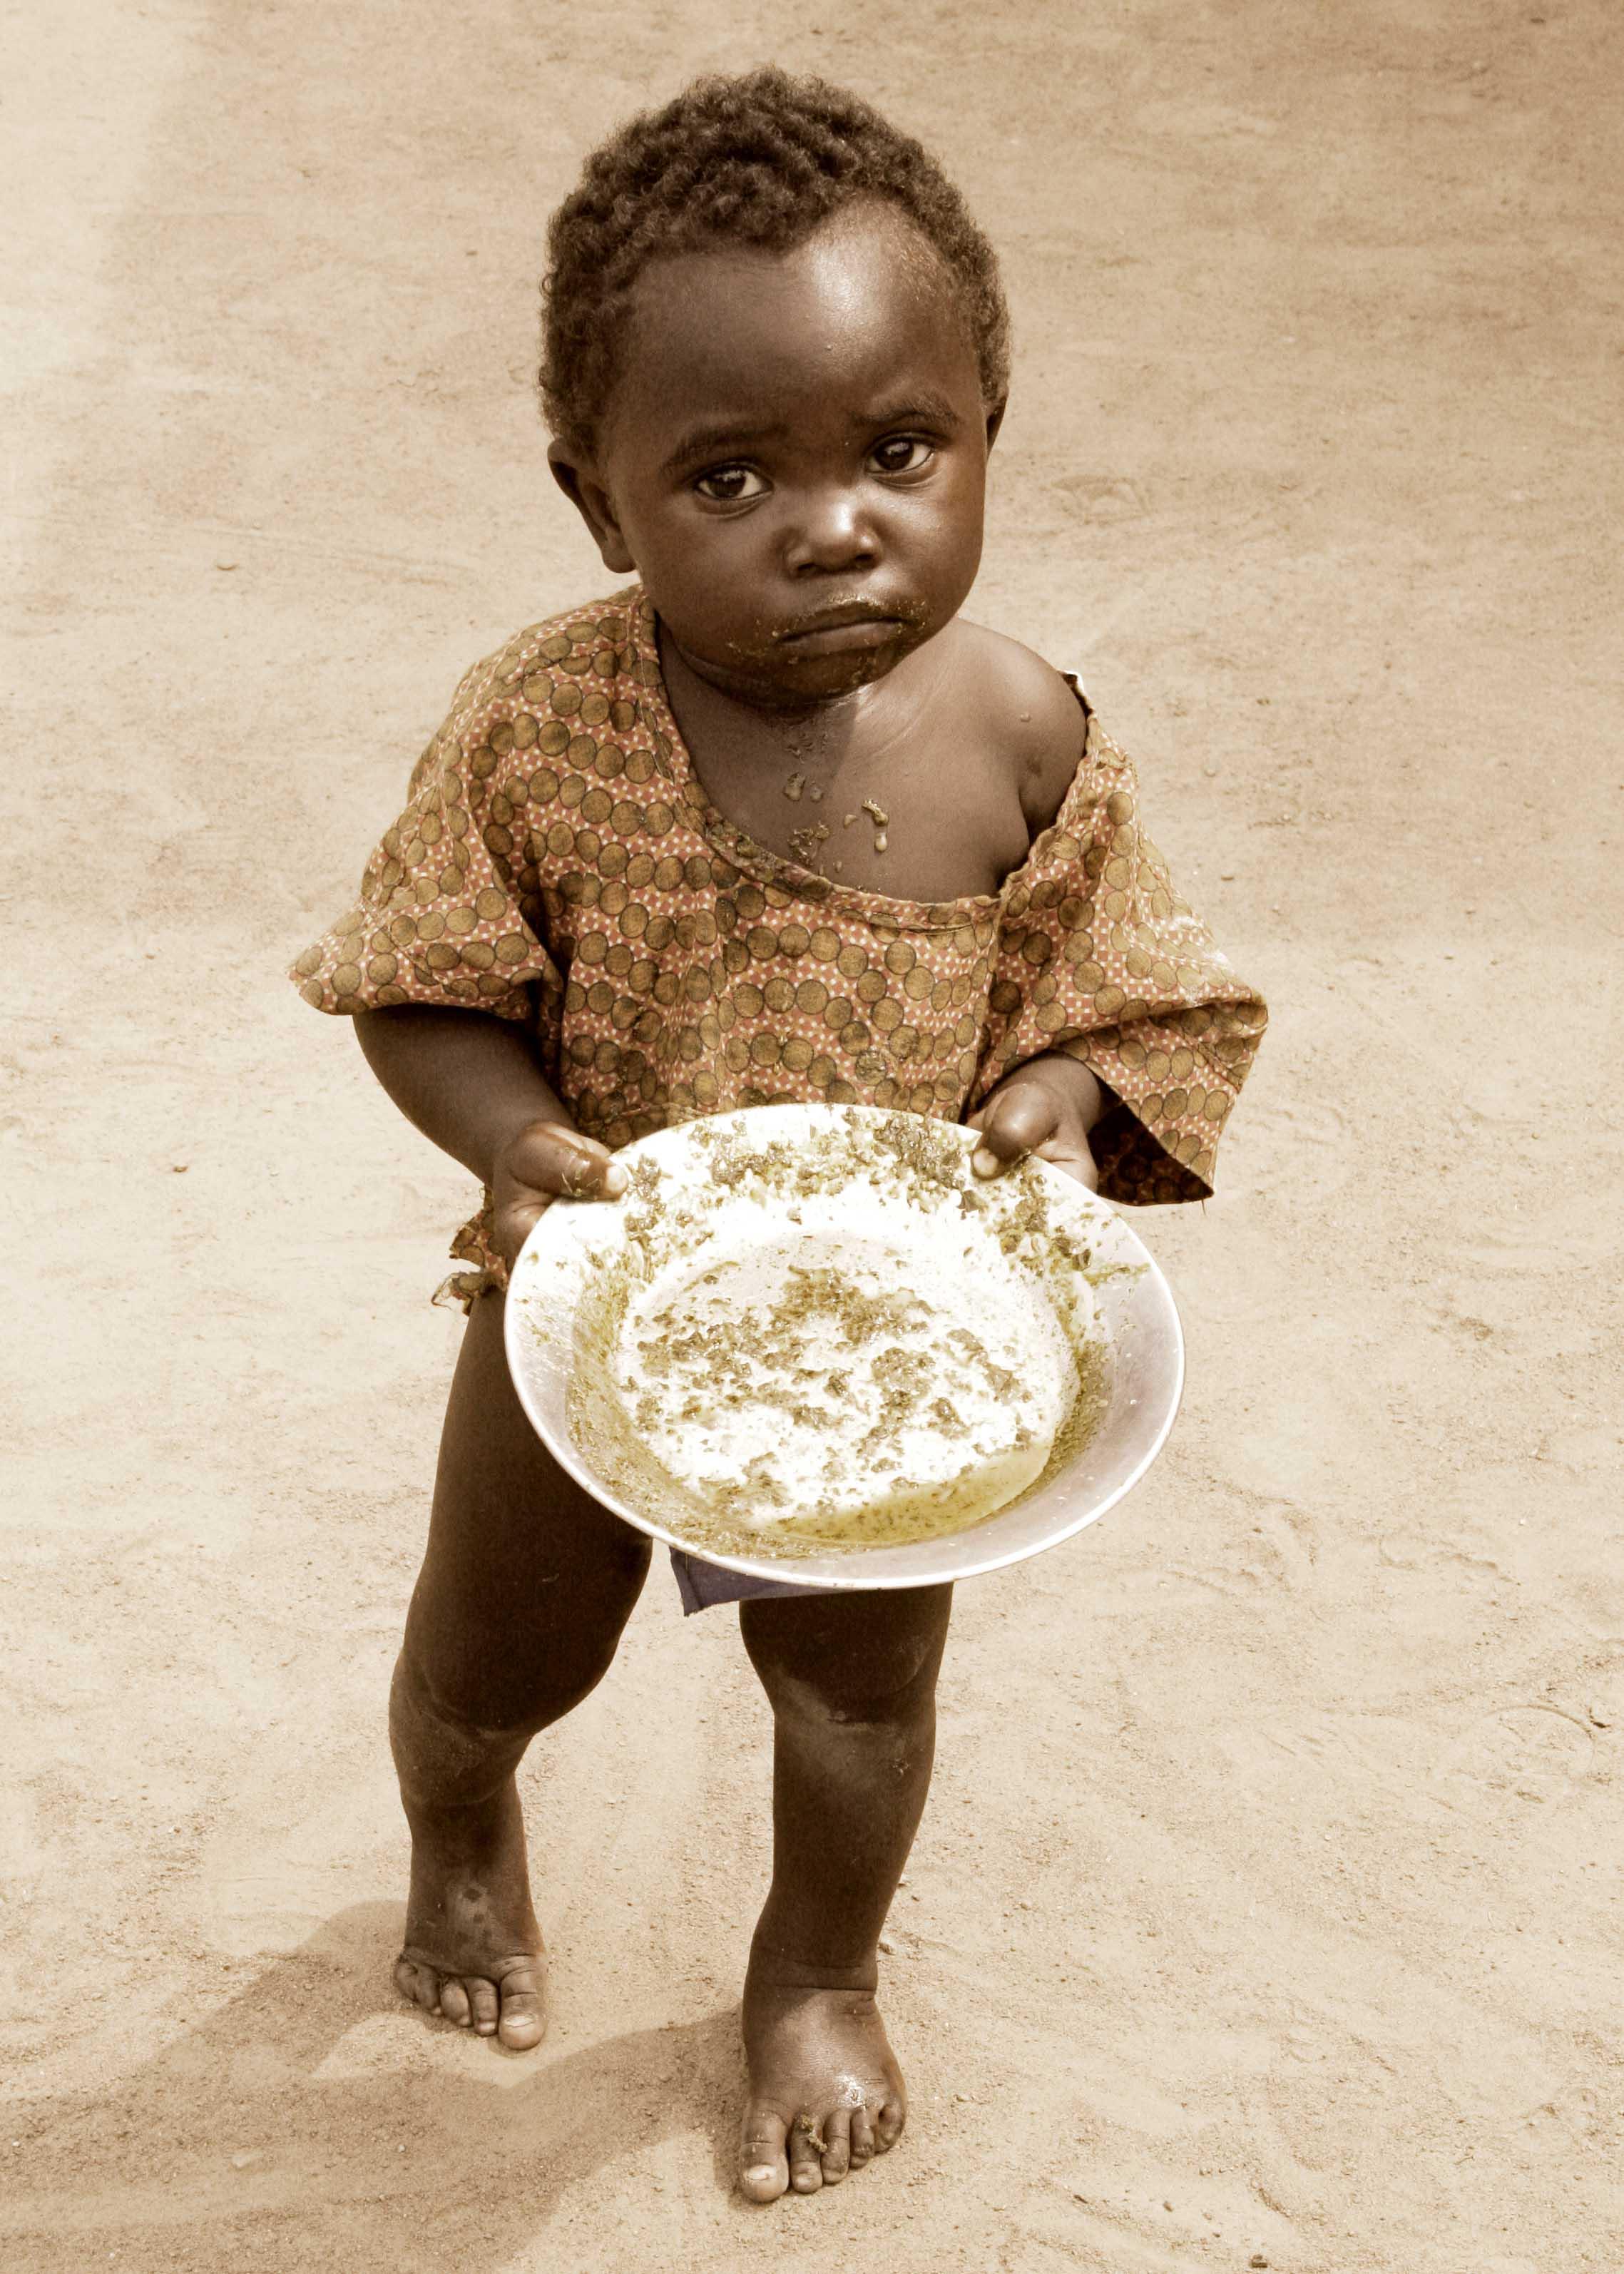 советское время картинки про голодных людей сказать